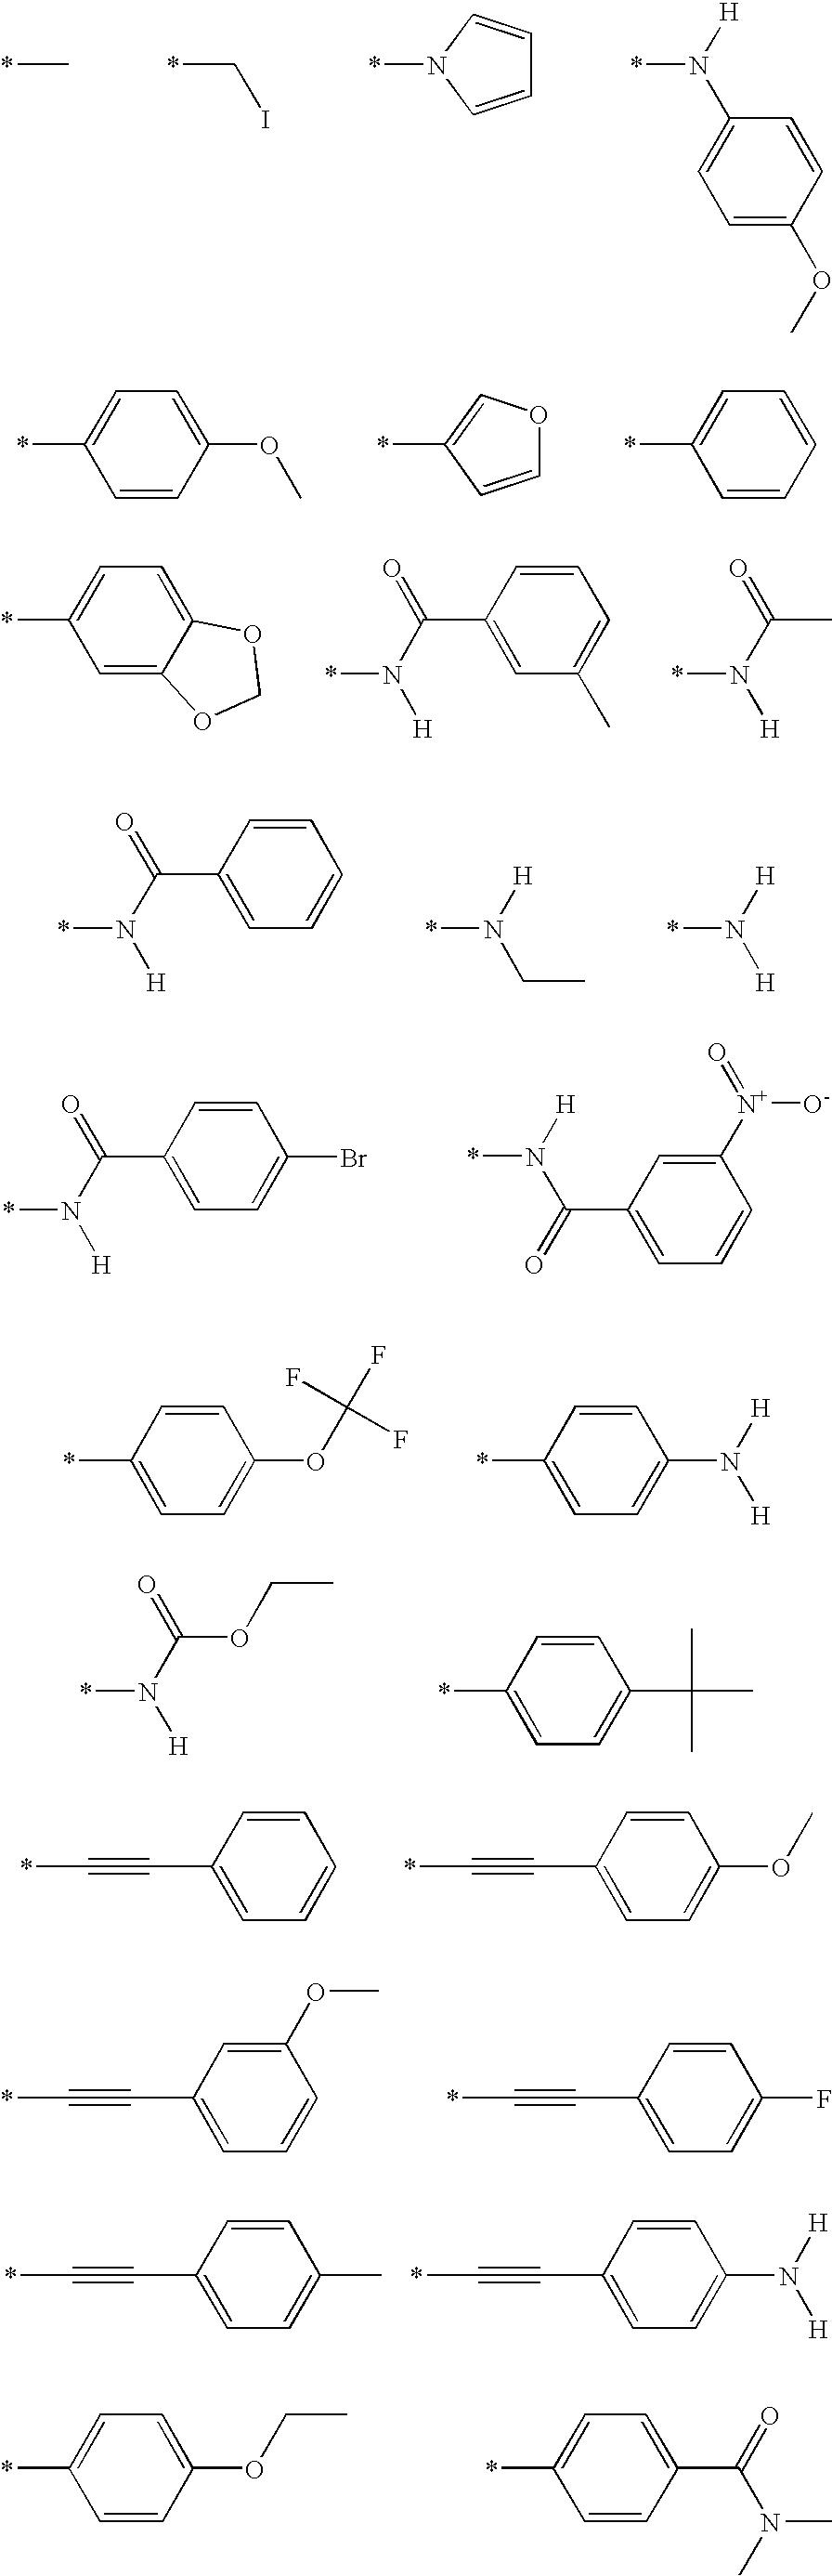 Figure US07781478-20100824-C00106